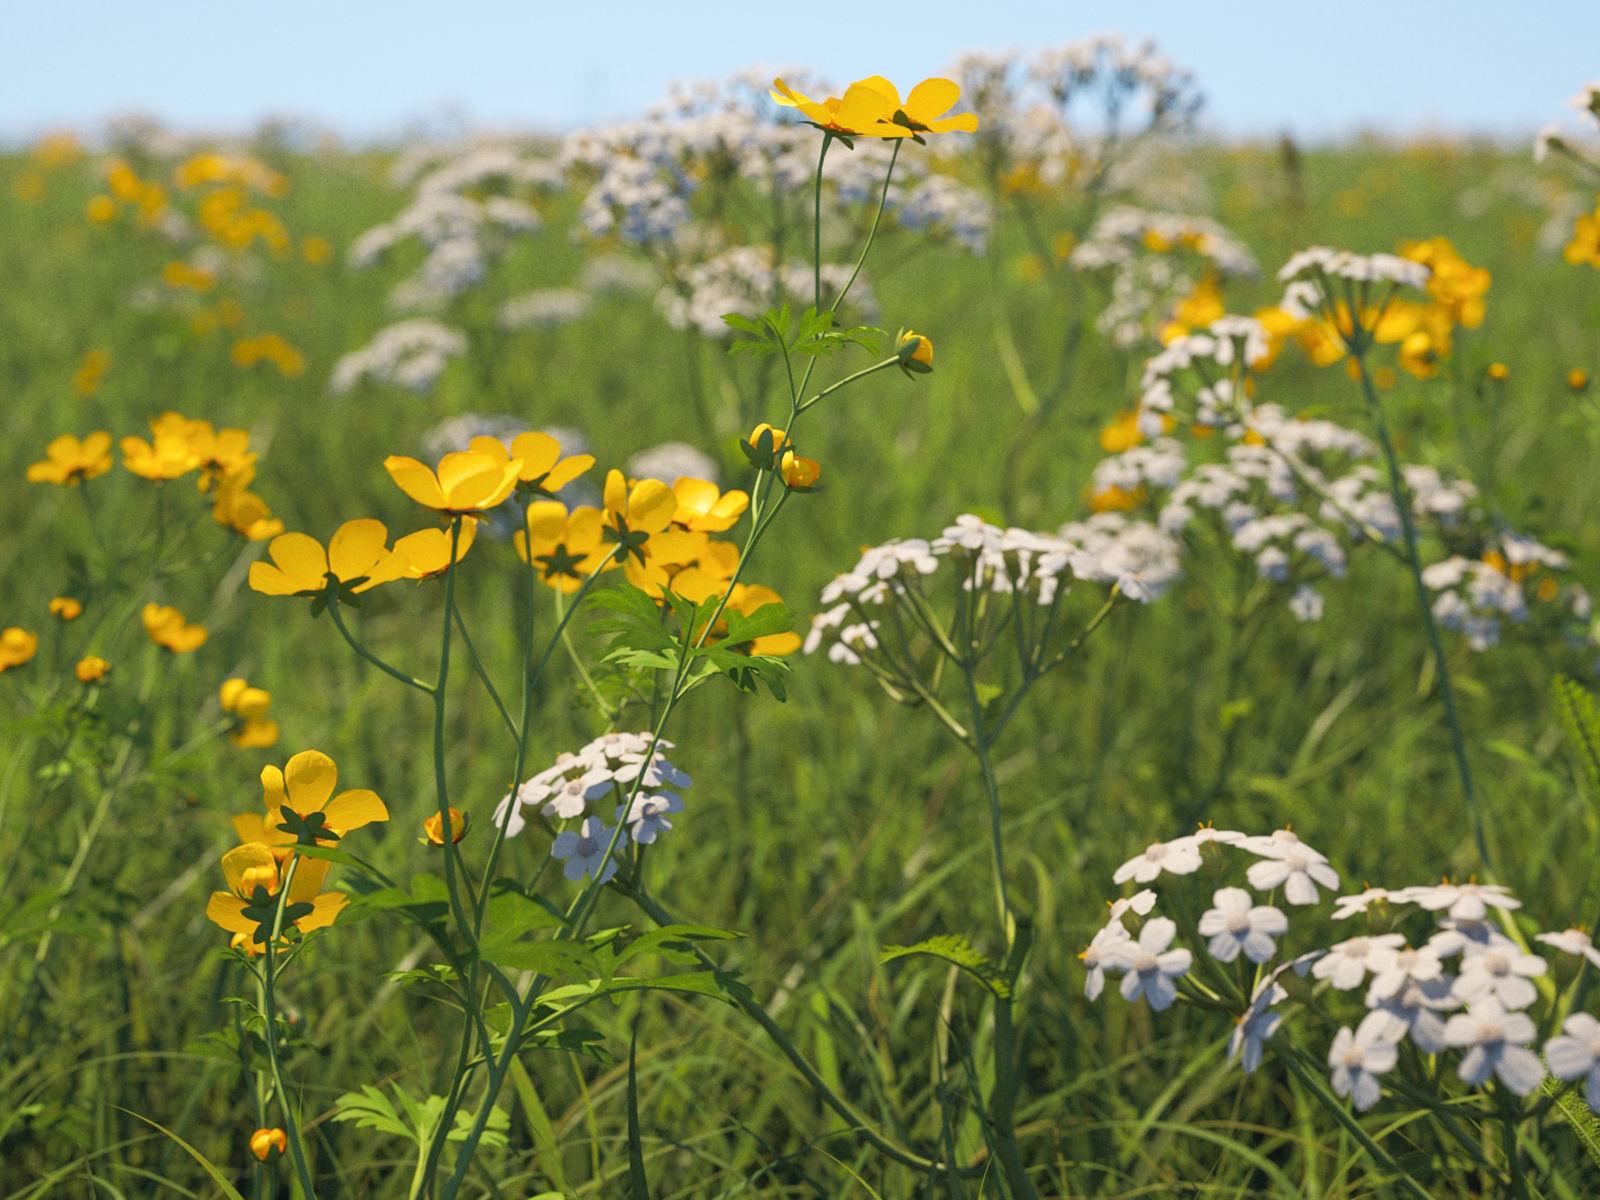 Wildflower Meadow 34-Piece Bundle